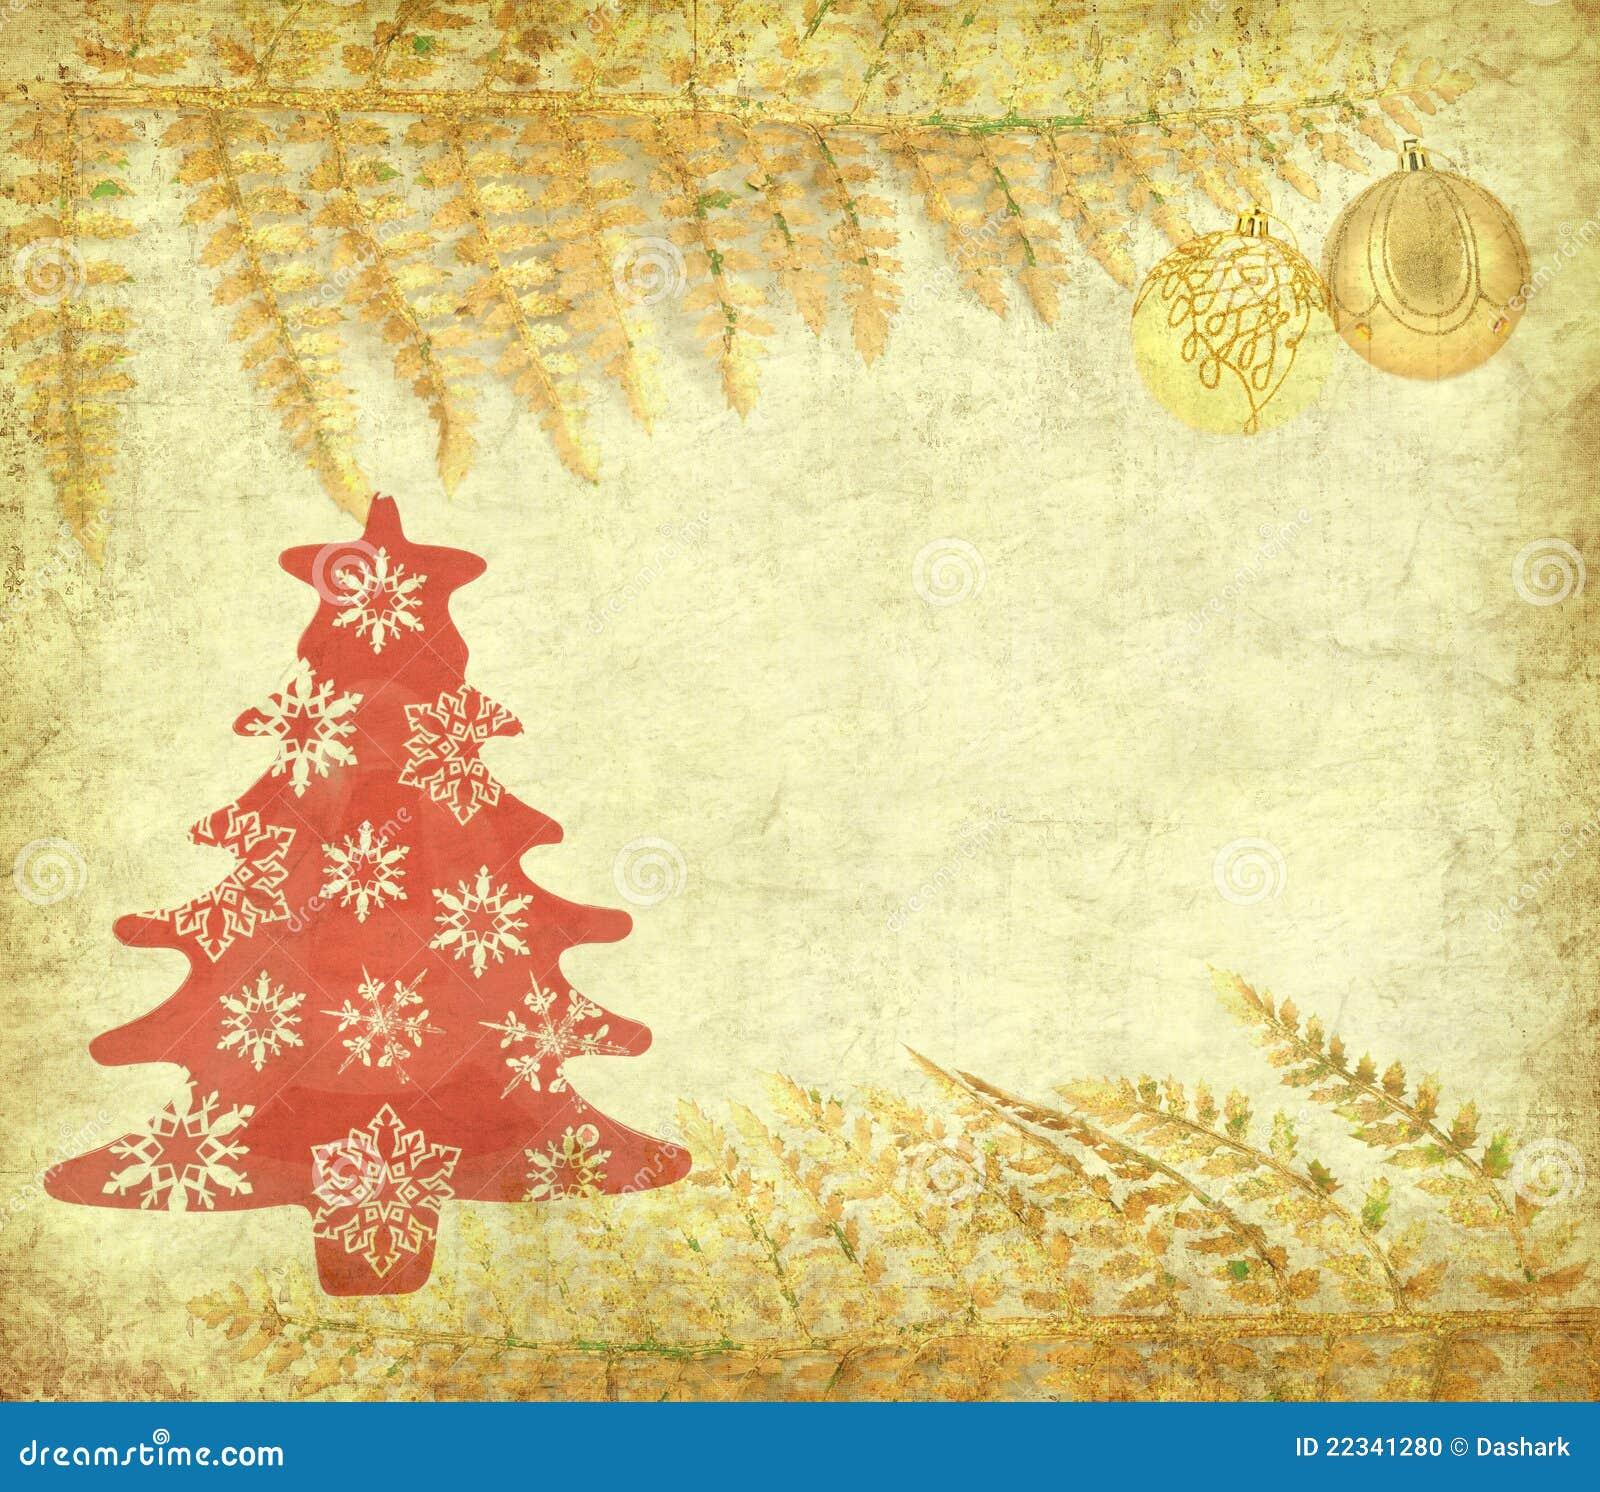 Vintage Christmas Background Stock Photo - Image: 22341280